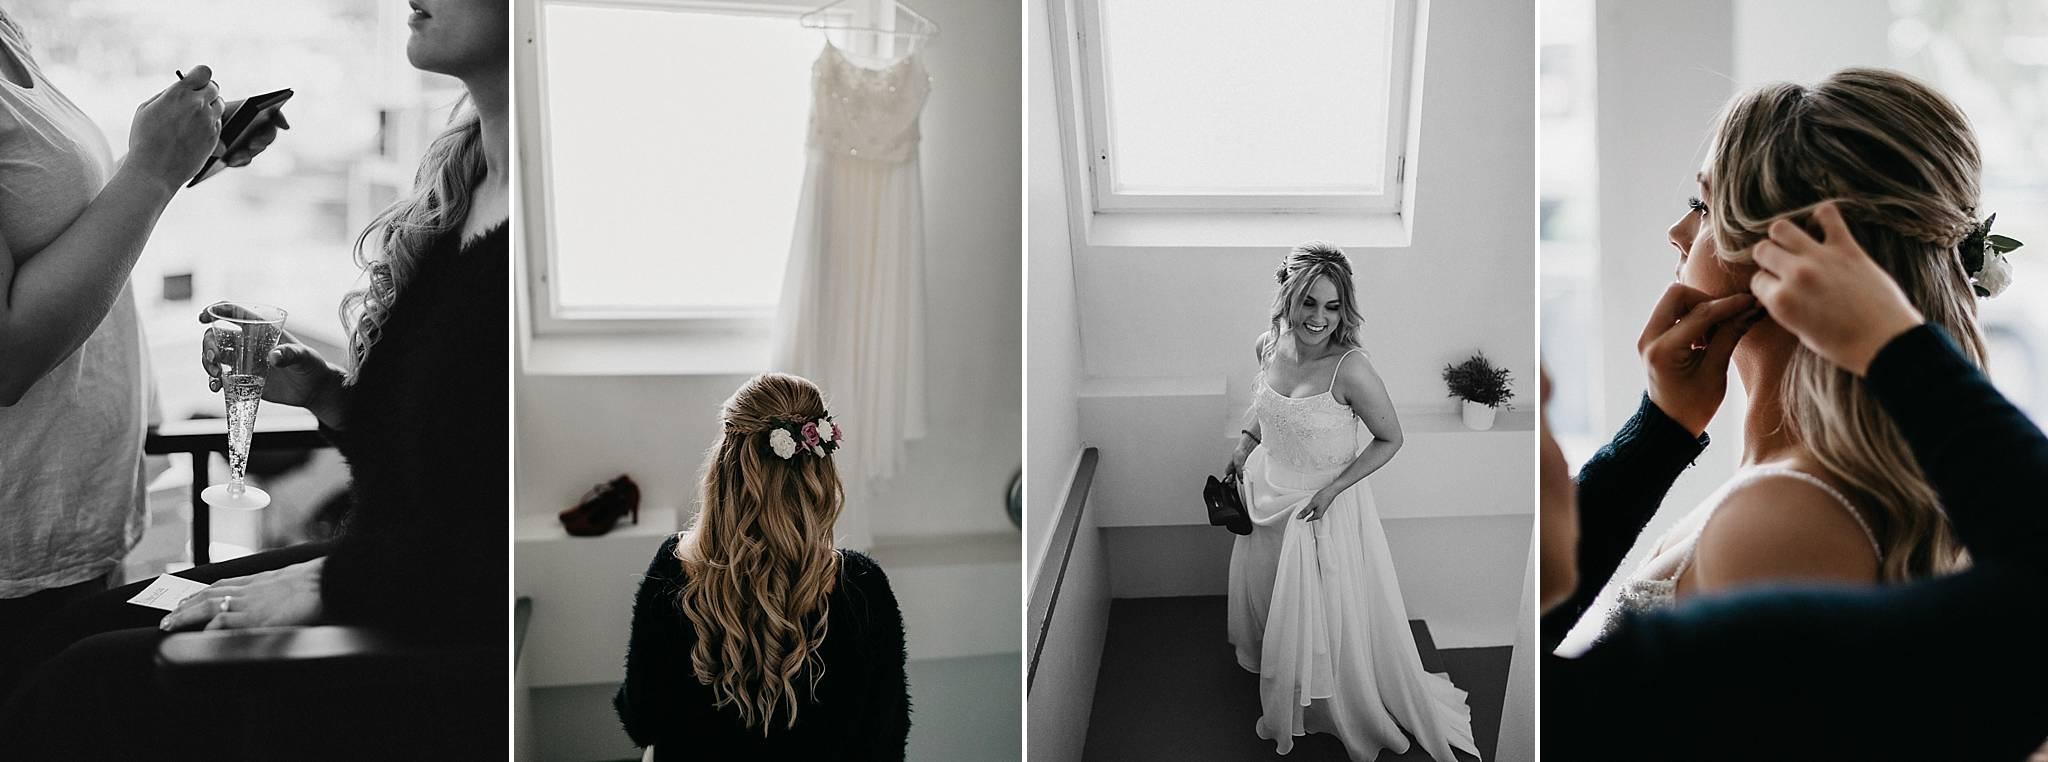 Haakuvaus_wedding_jyvaskyla_muurame_tuomiston_tila_0143.jpg